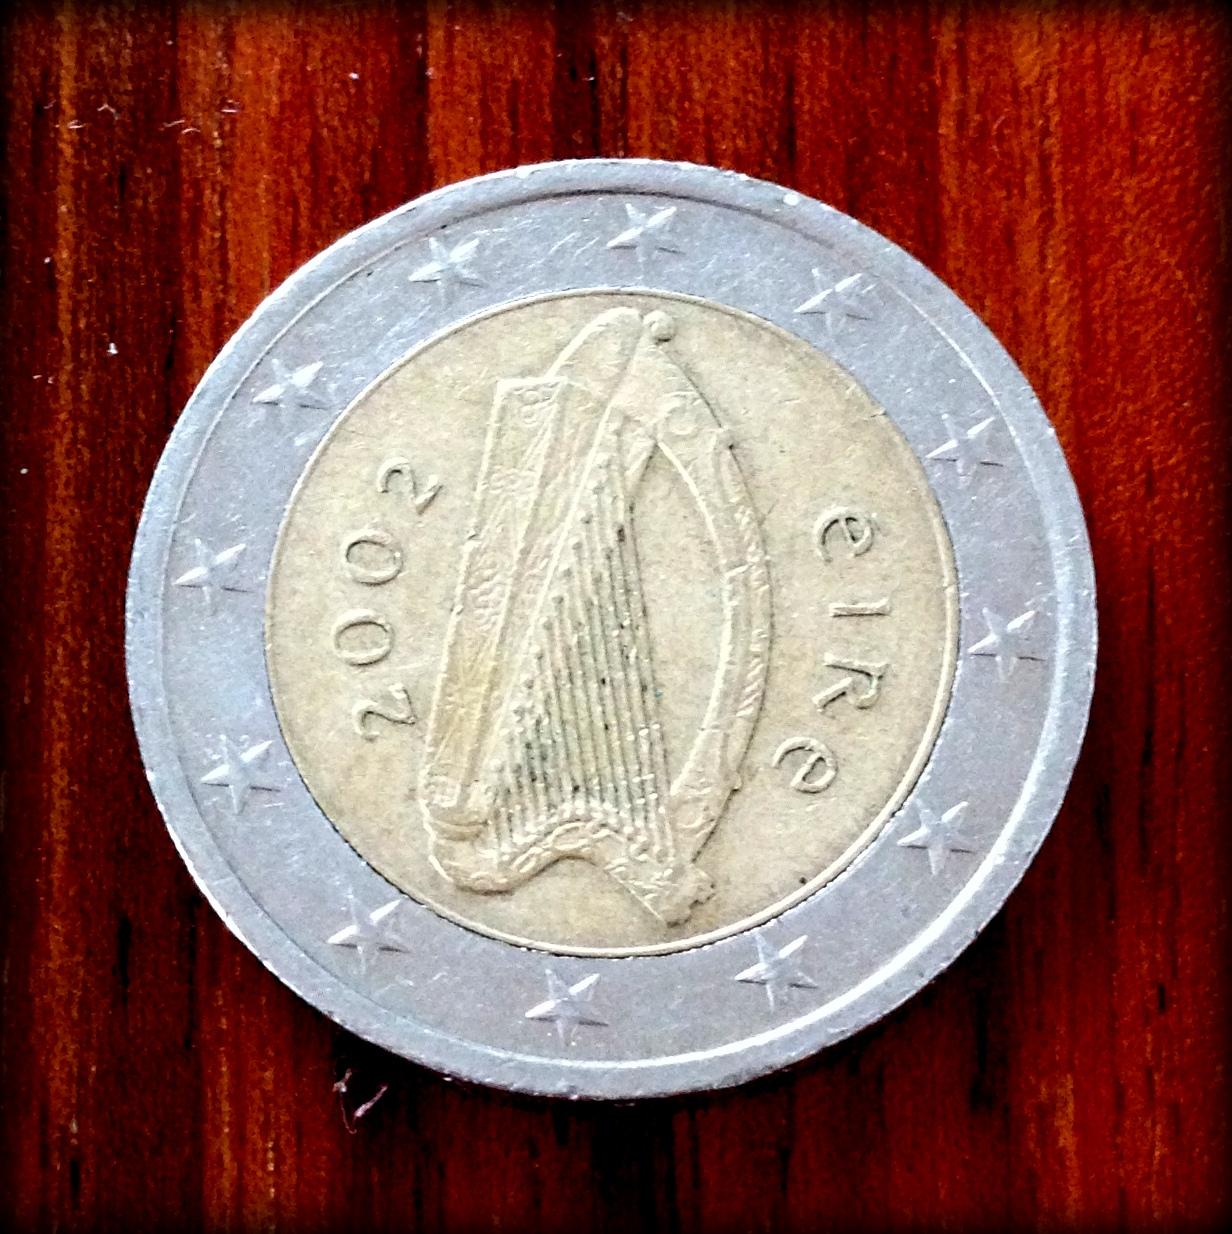 2ユーロコインの絵柄